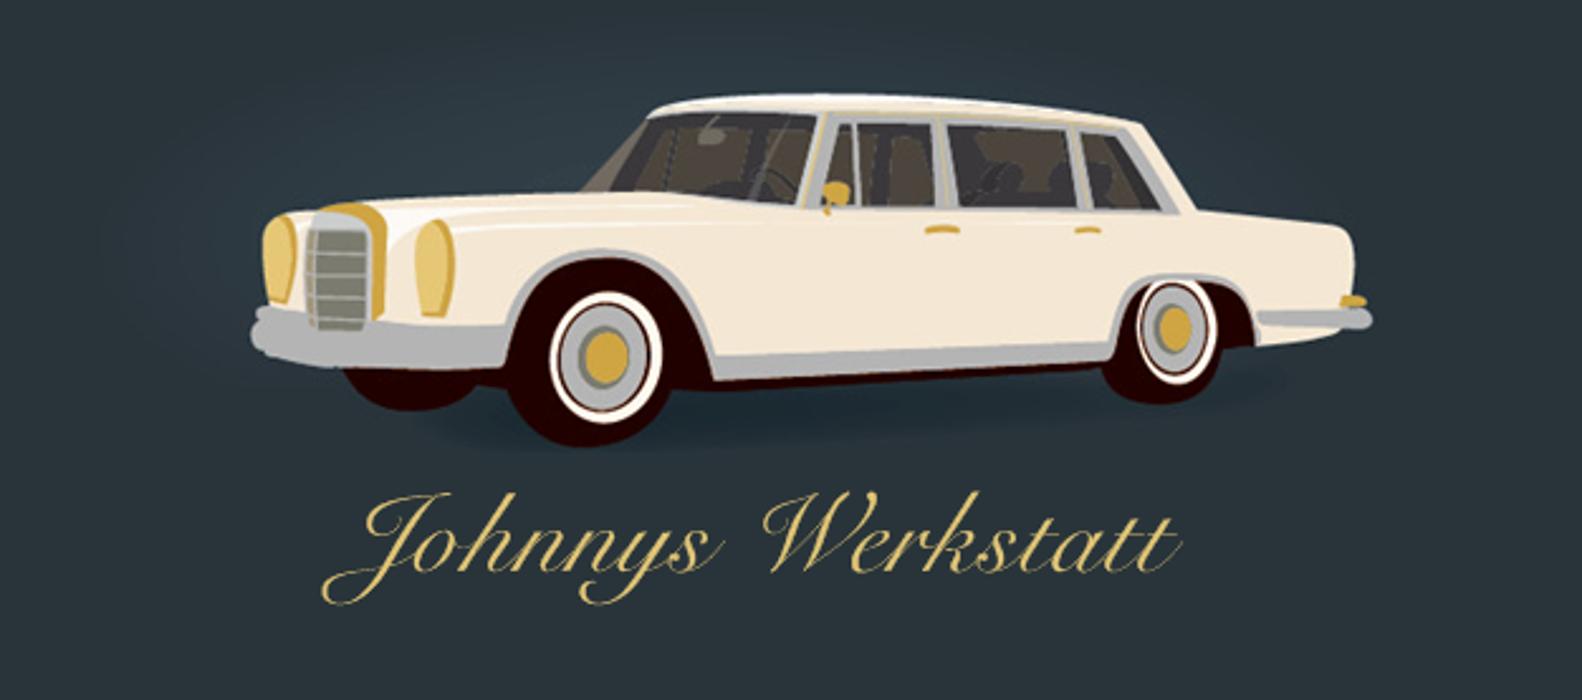 Bild zu Johnnys Werkstatt in Karlsruhe